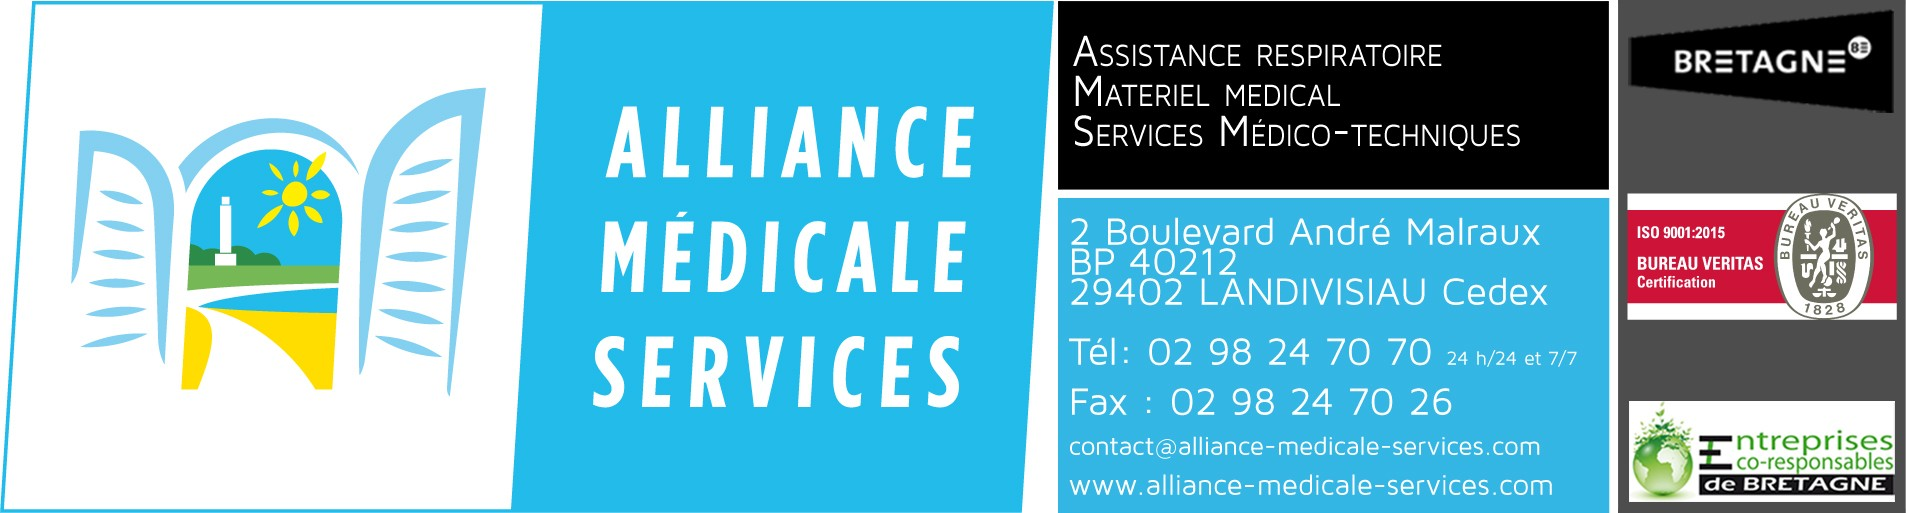 Alliance Médicale Services logo